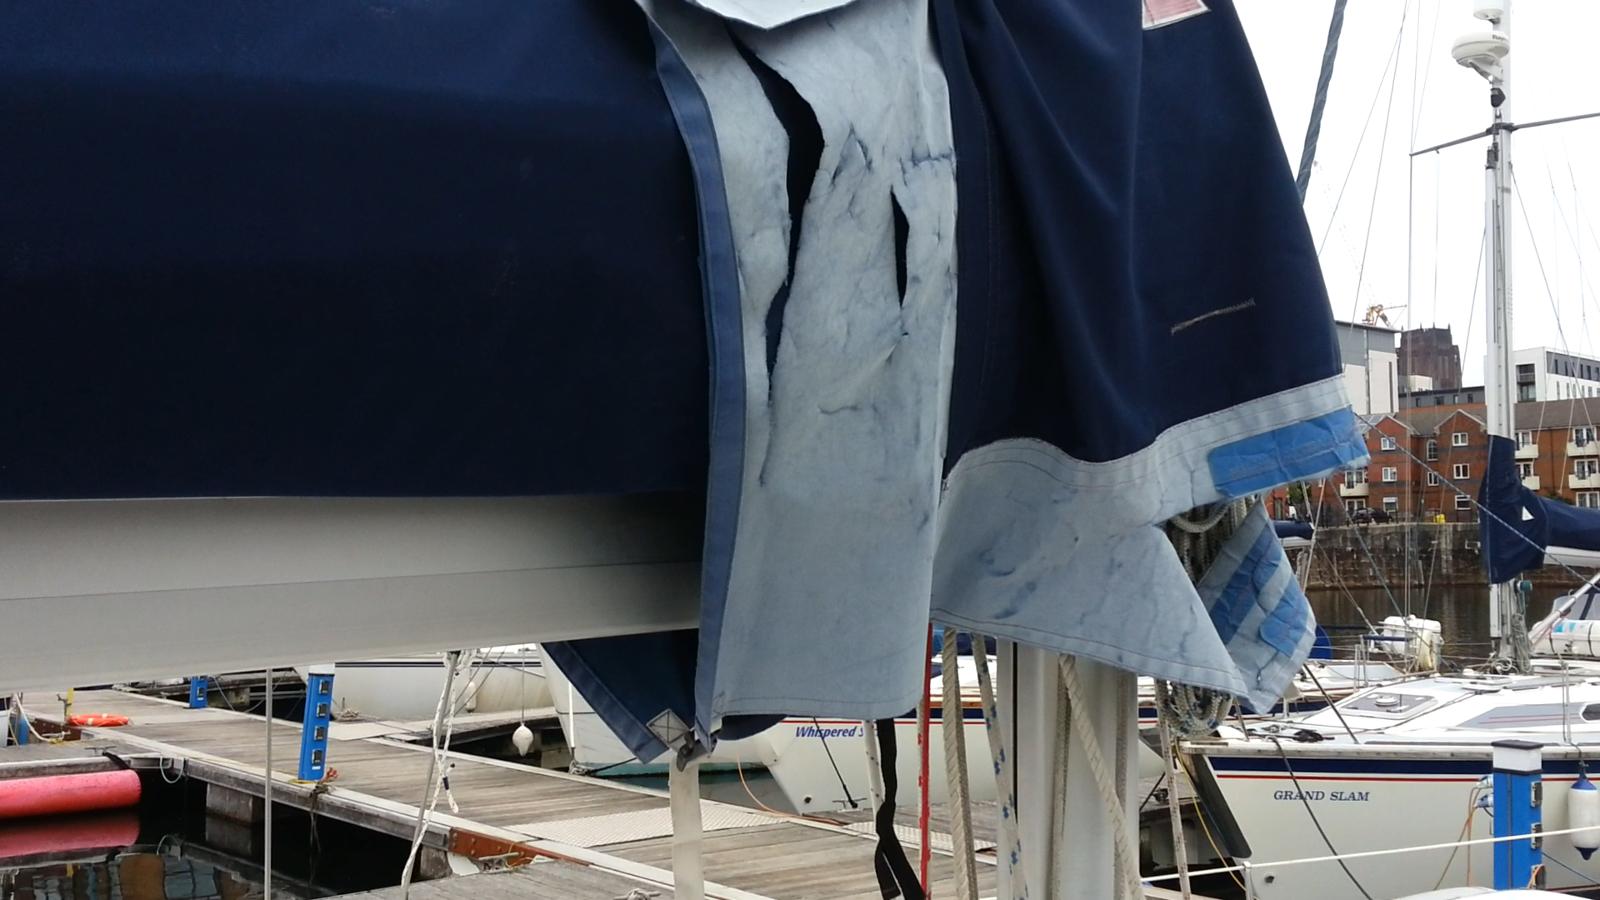 Sail bag in need of repair